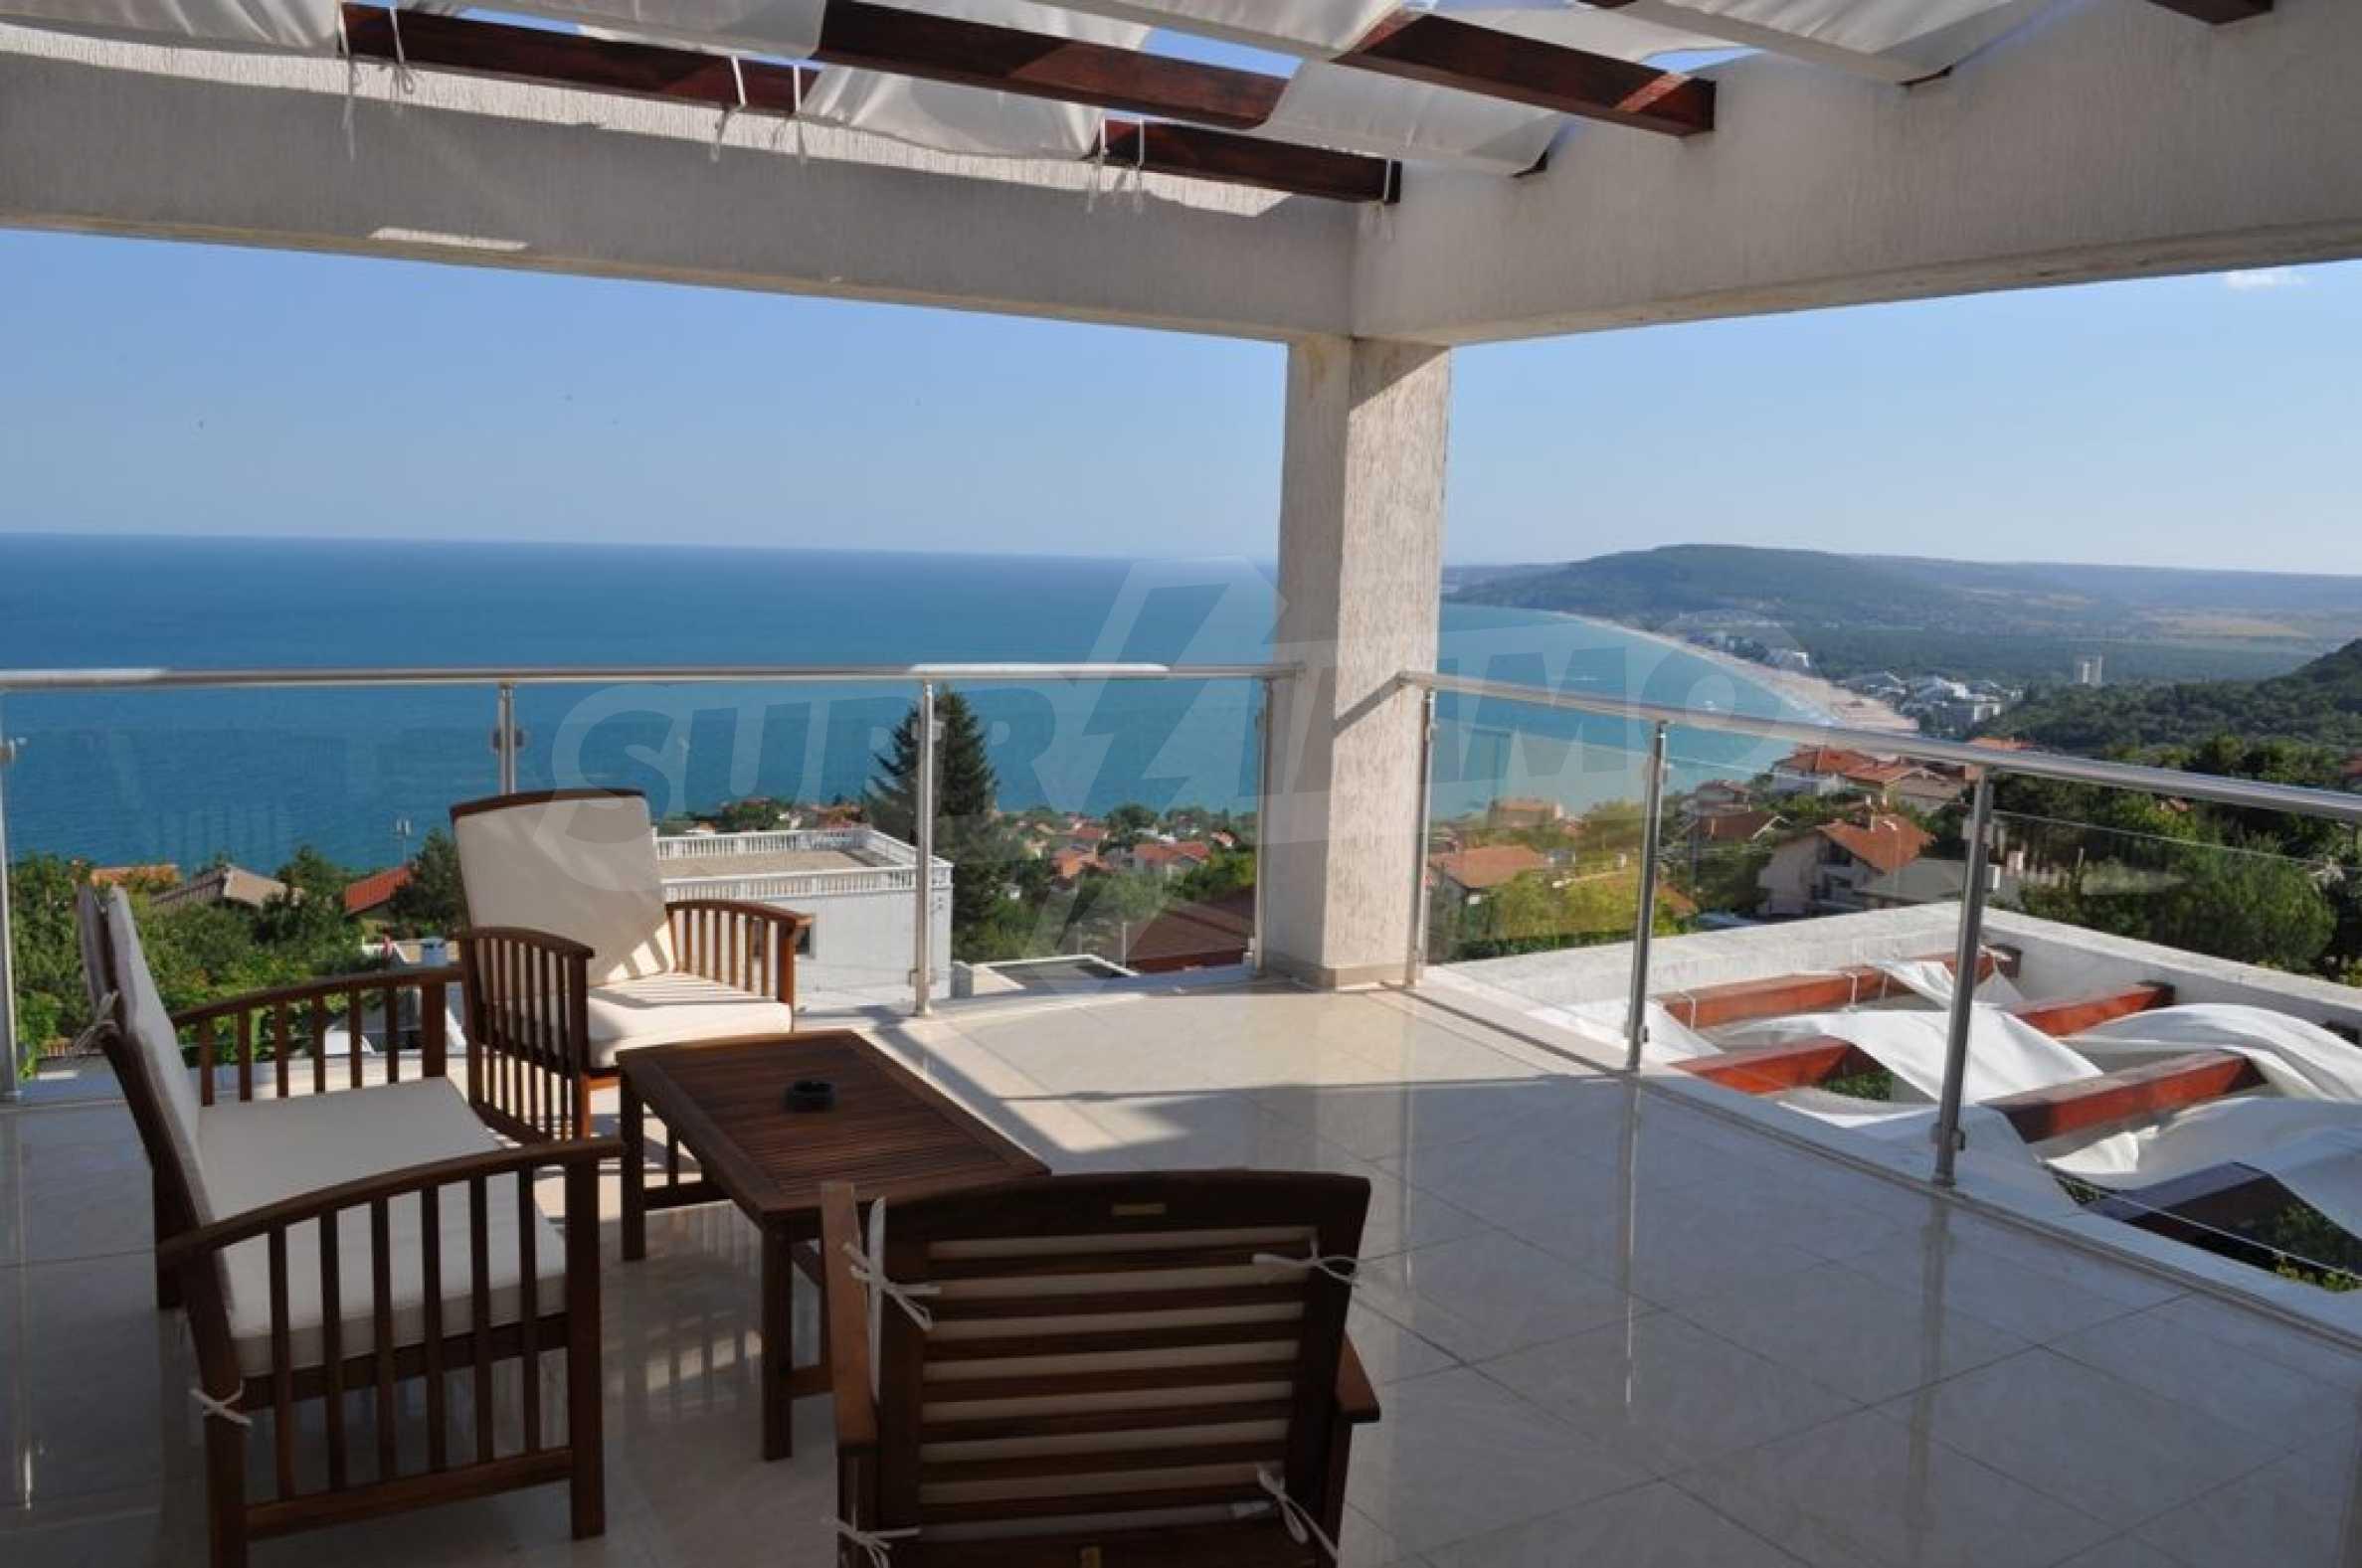 Luxusvilla mit 4 Schlafzimmern zu vermieten in der Nähe des Resorts. Albena 19